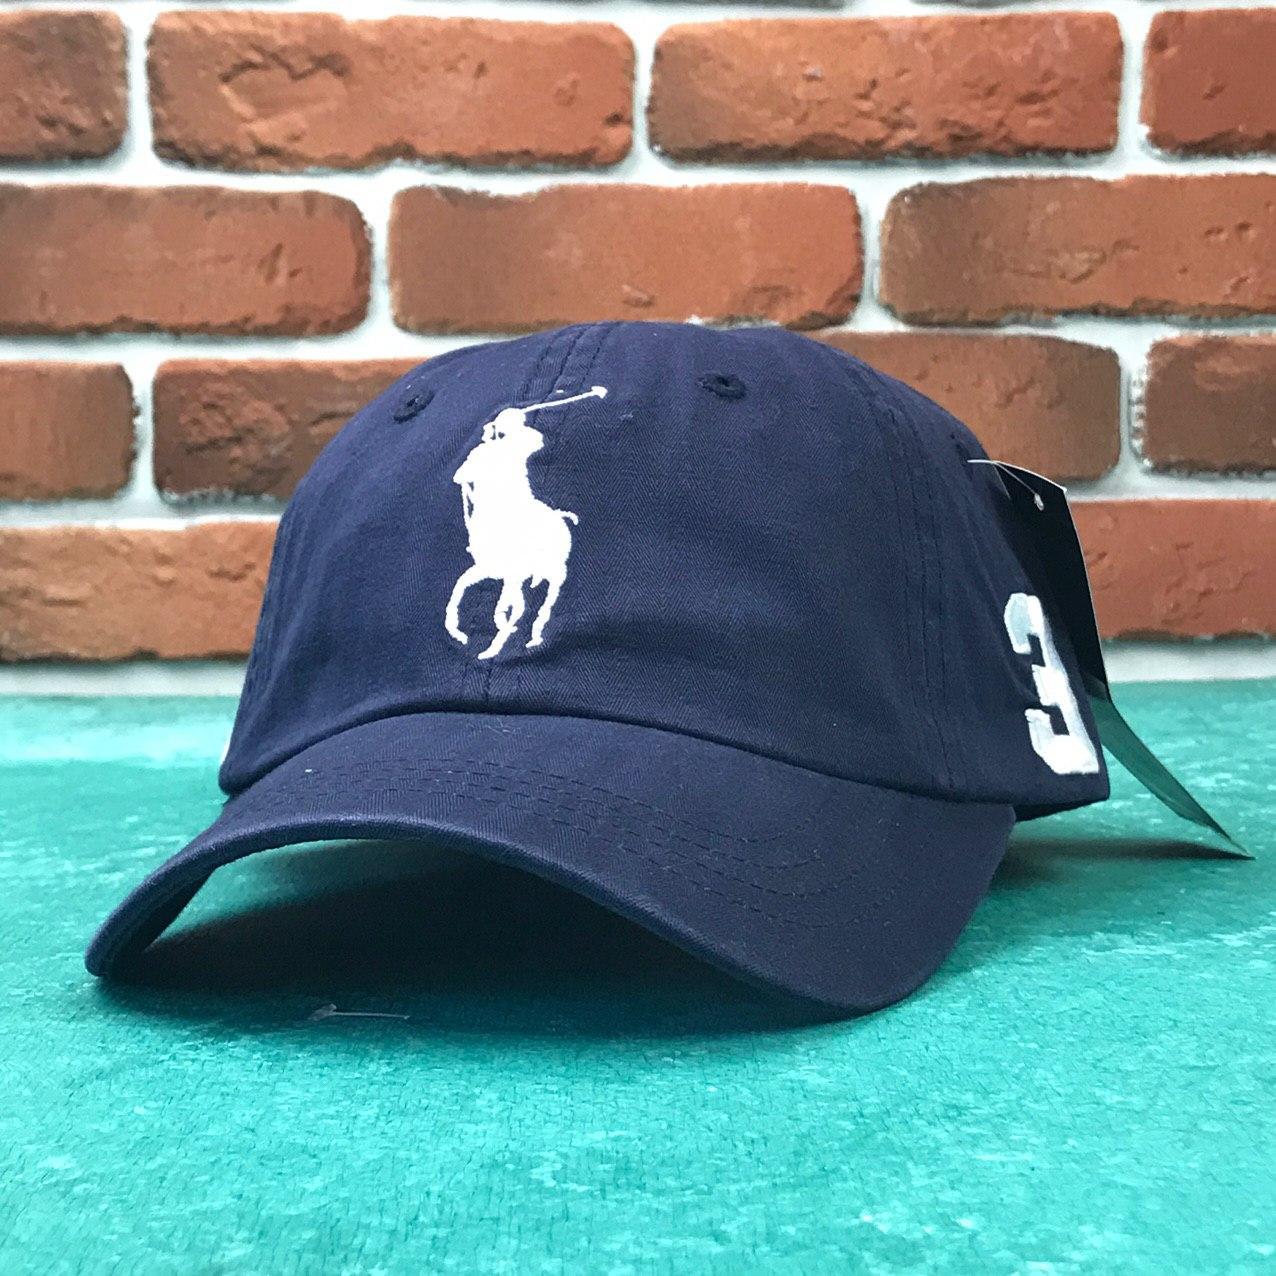 Кепка Бейсболка Мужская Женская Polo Ralph Lauren 3 с тканевым ремешком Темно-Синяя с Белым лого